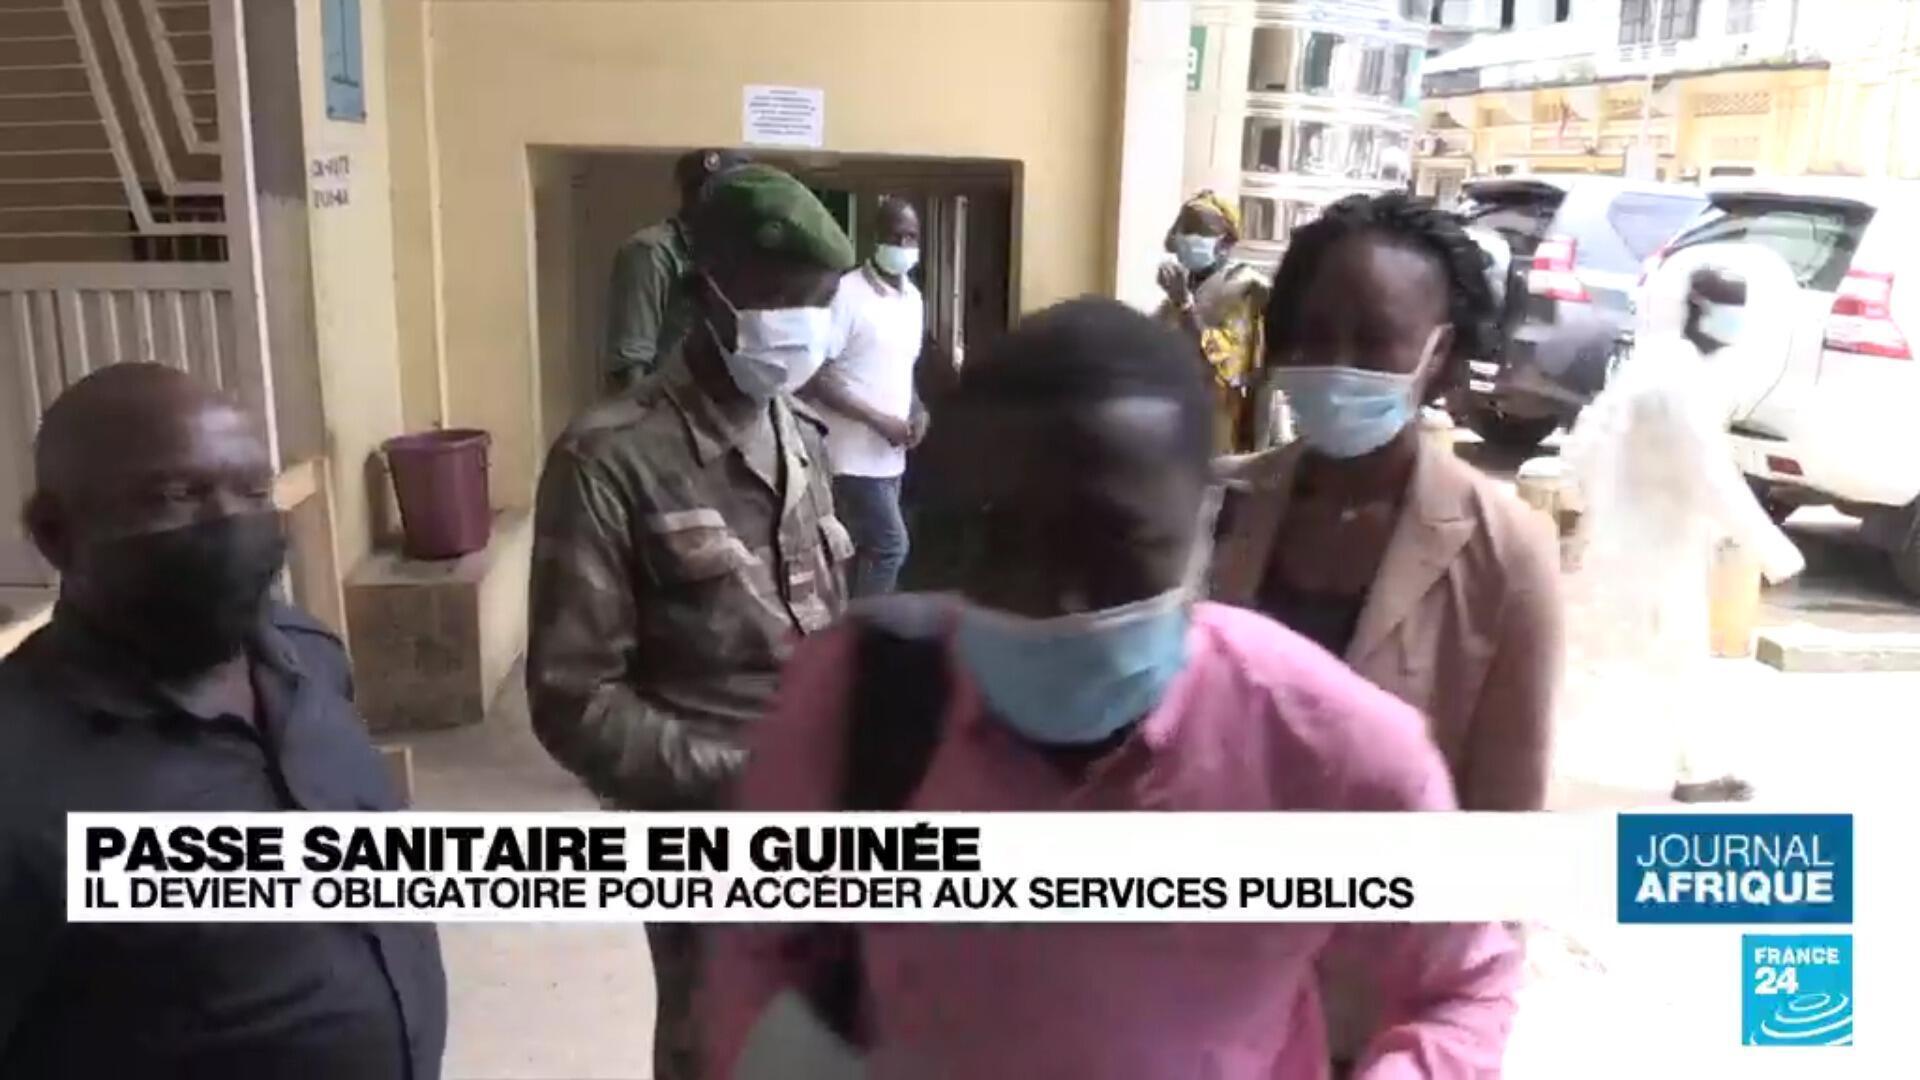 Passe sanitaire en Guinée : il devient obligatoire pour accéder aux services publics